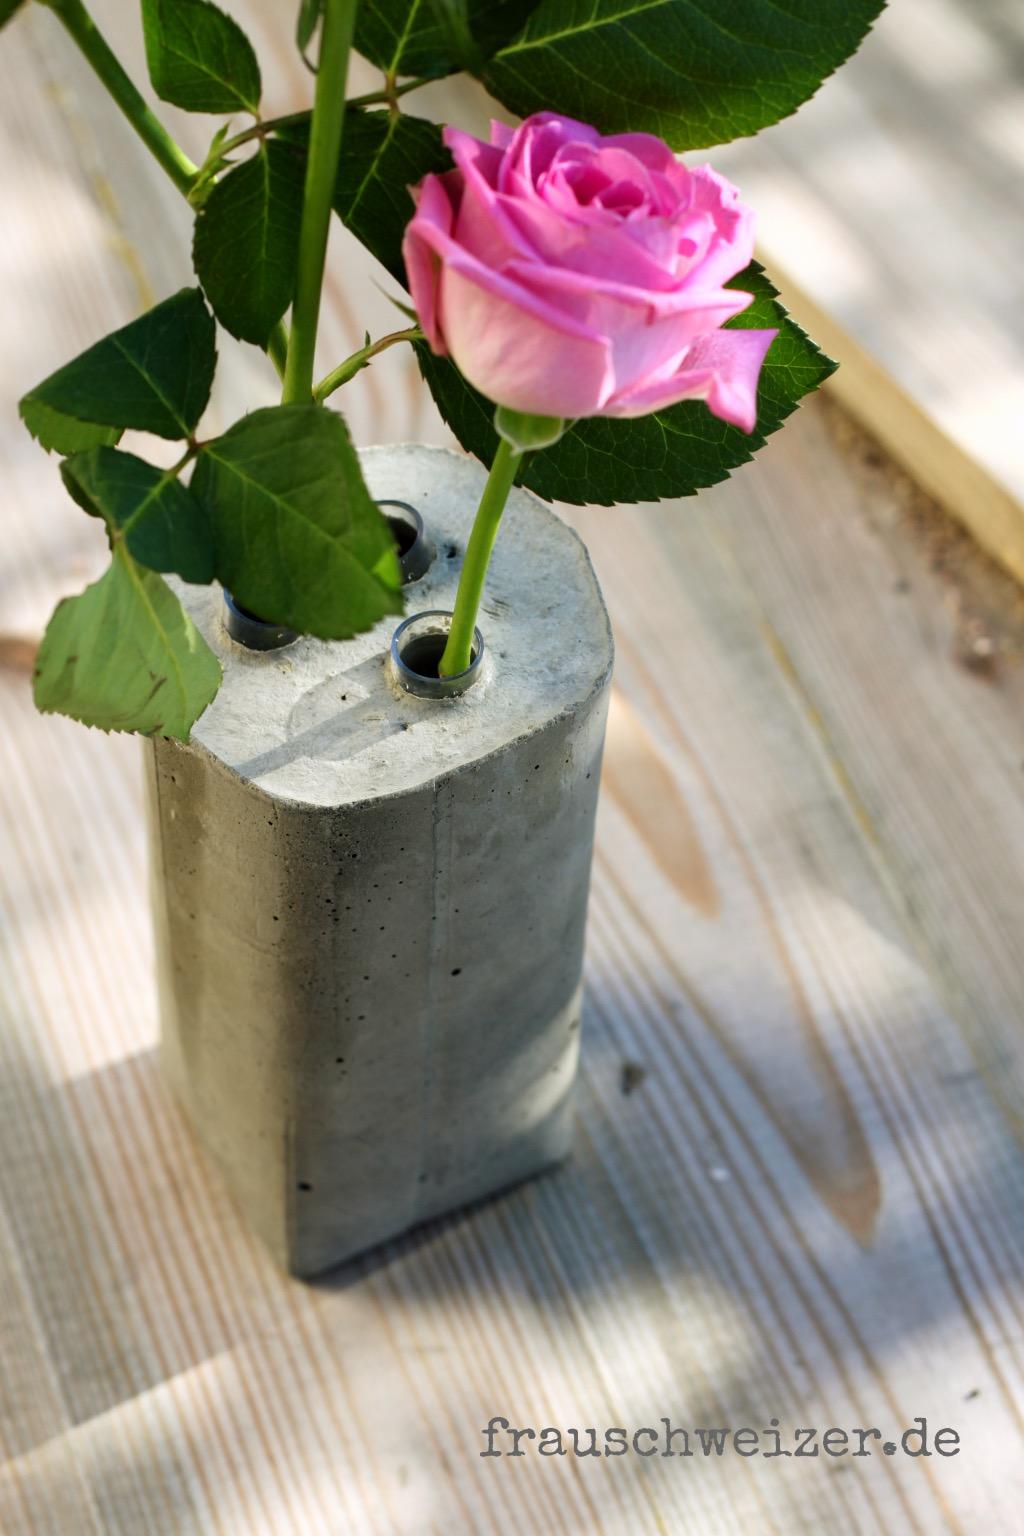 beton - vase nah kleiner